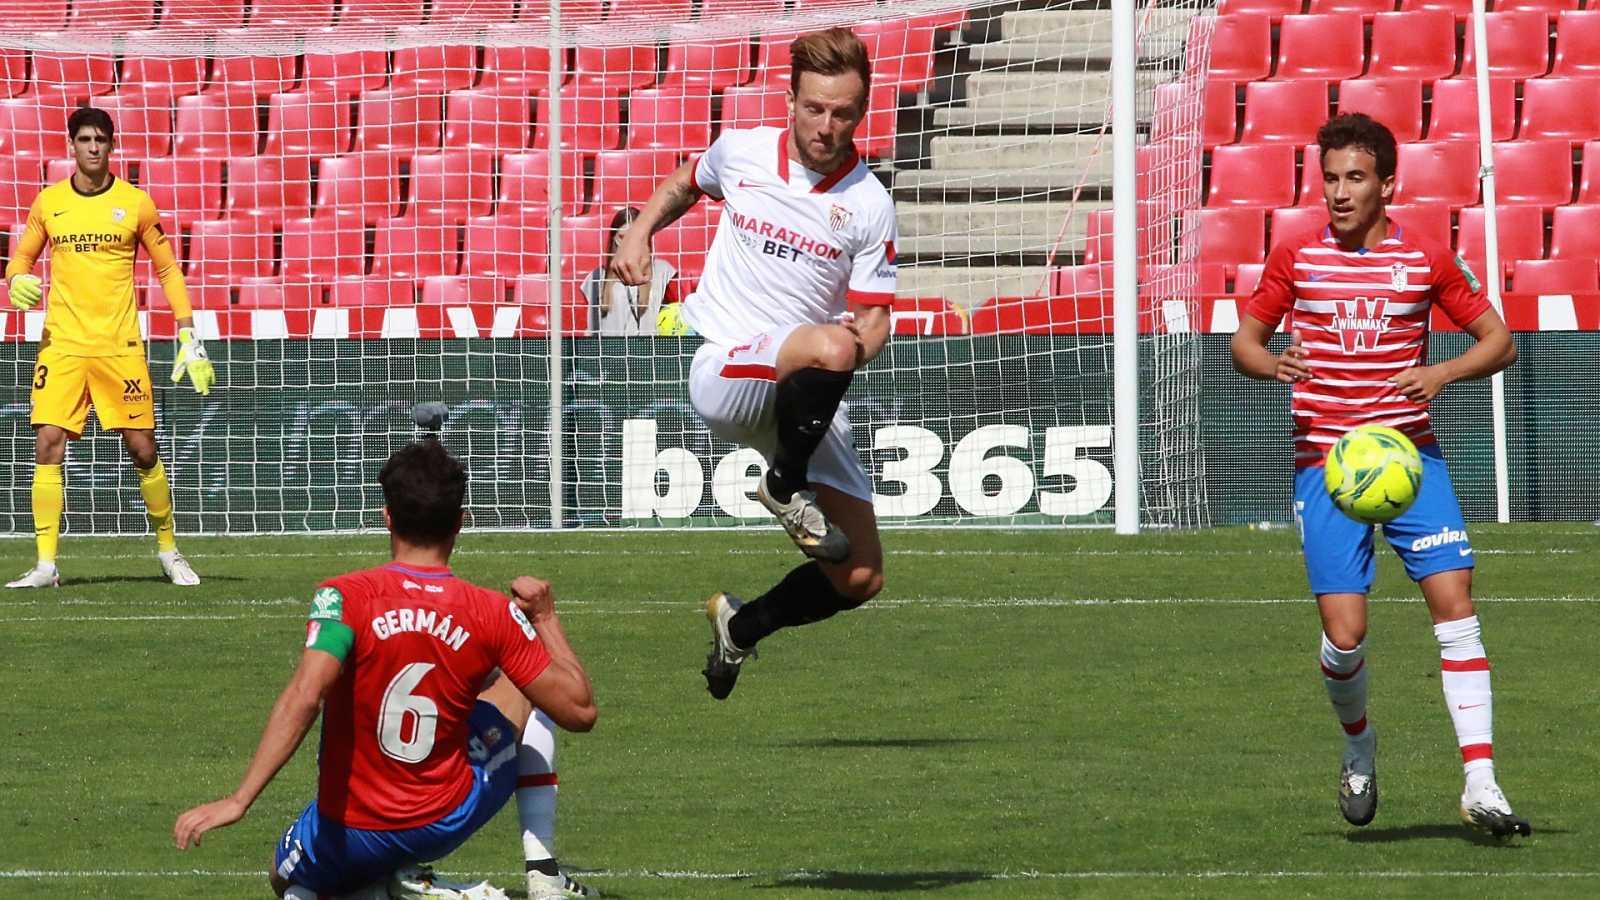 El jugador del Sevilla Rakitic despeja el disparo de Germán, del Granada